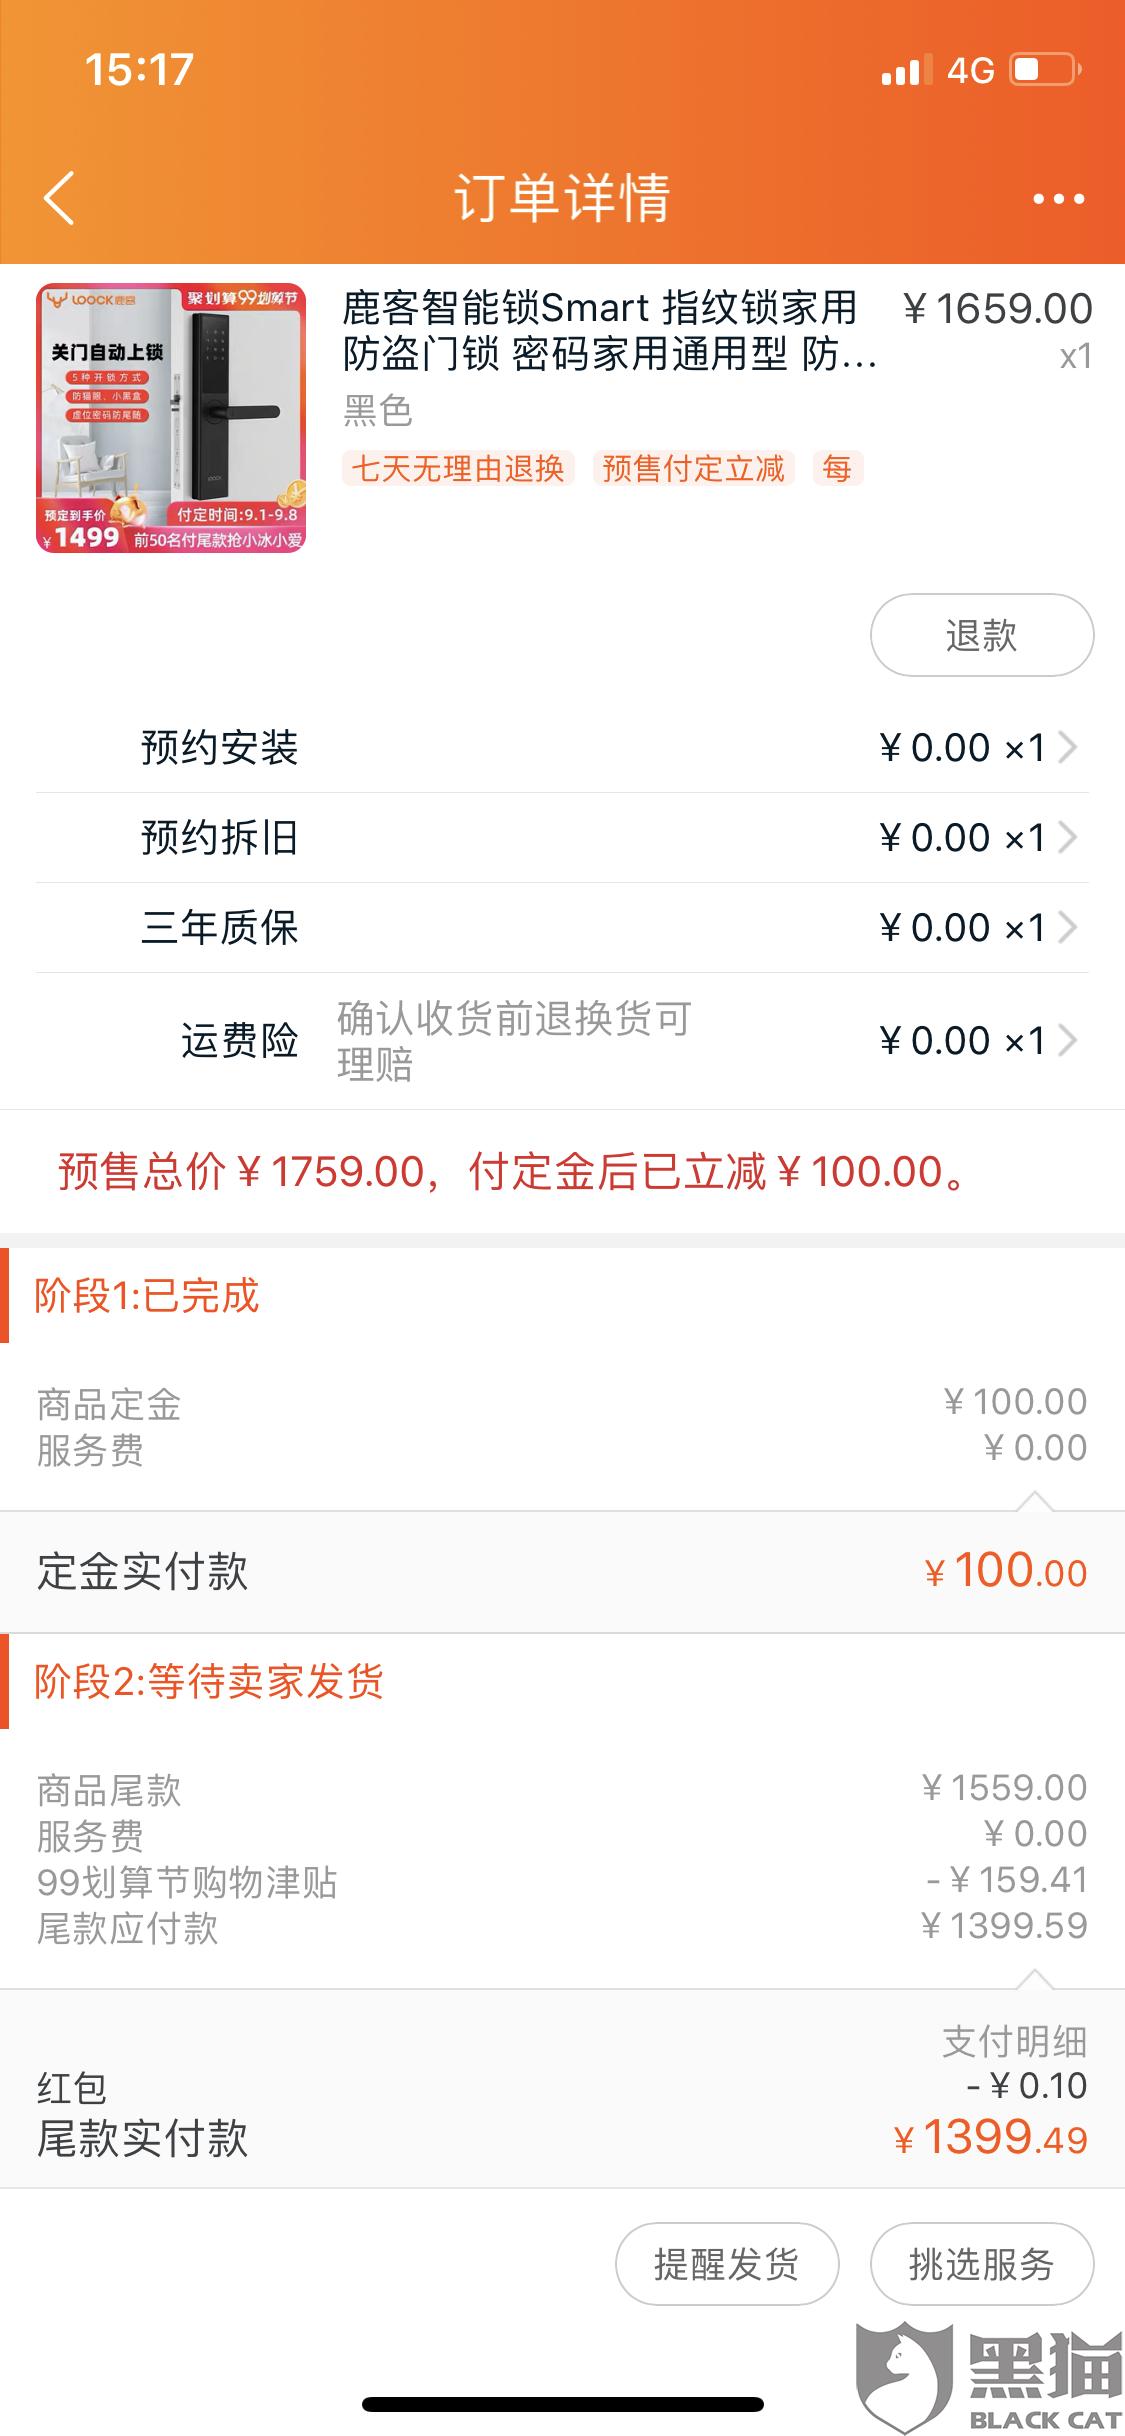 黑猫投诉:天猫loock鹿客旗舰店新品首发不到一周大降价